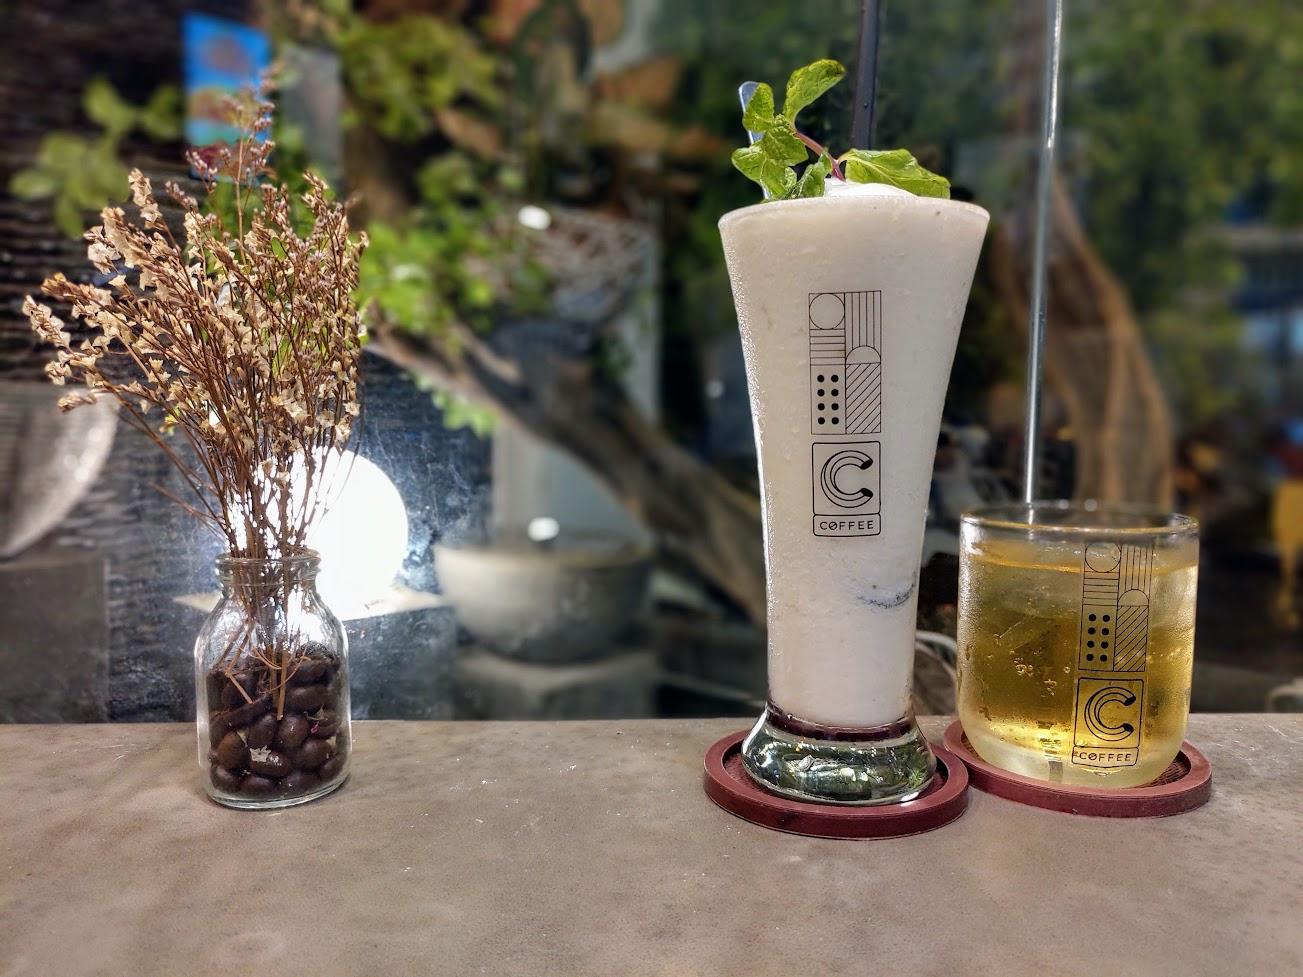 SInh tố mãng cầu ở C Coffee 44 Hoàng Dư Khương quận 10